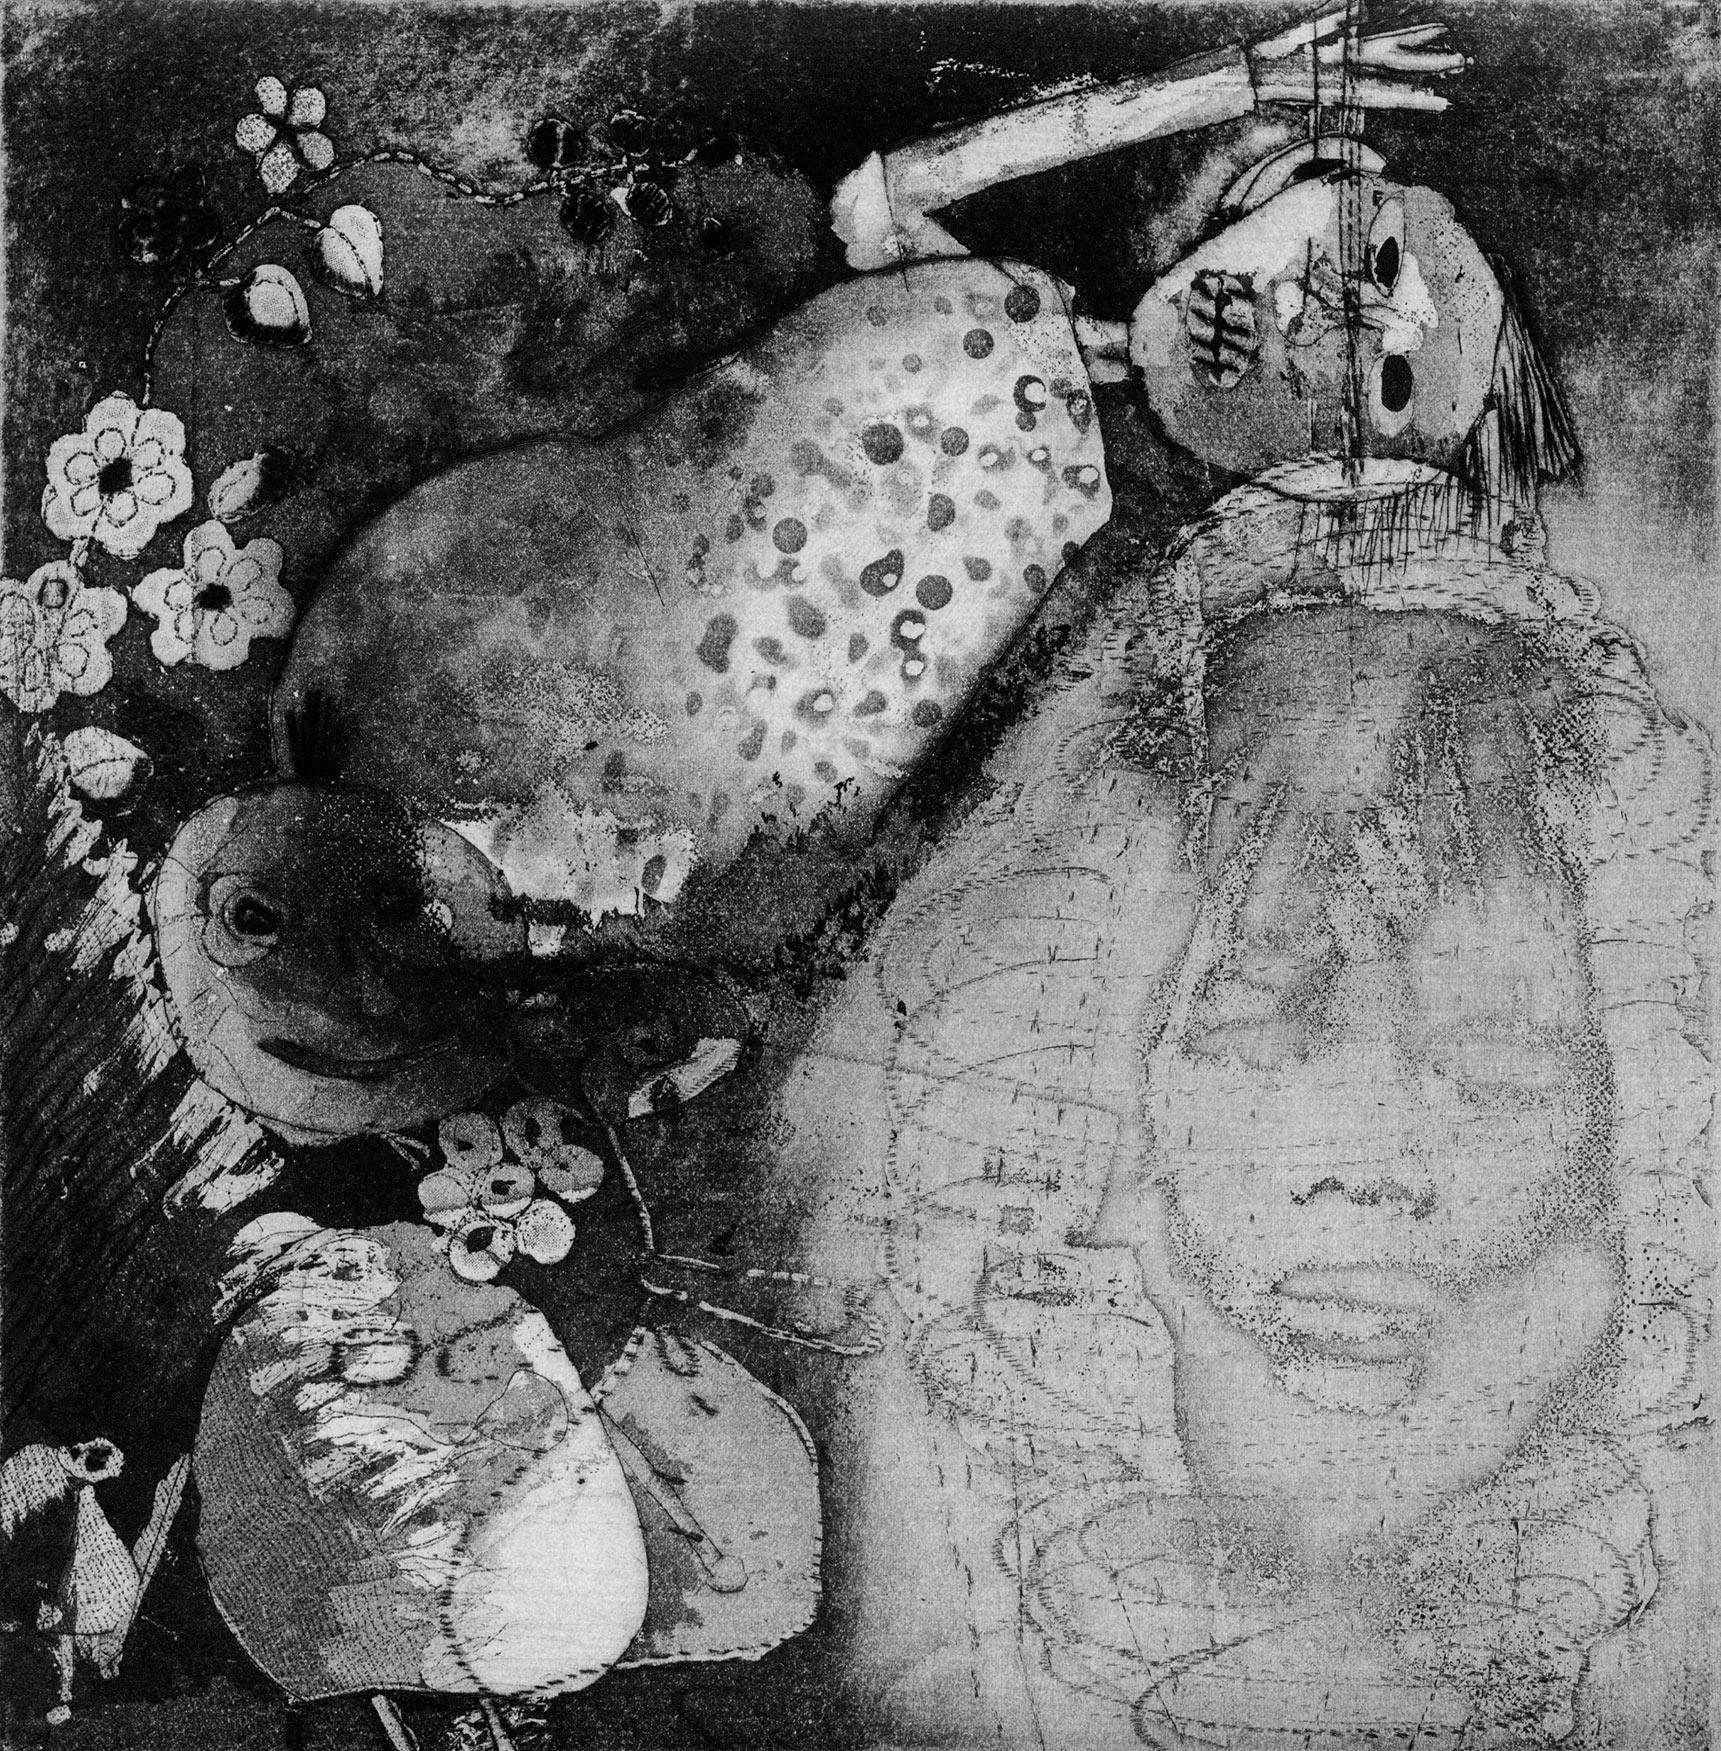 25cm x 25cm digital reproduction ofPalimpsest 20